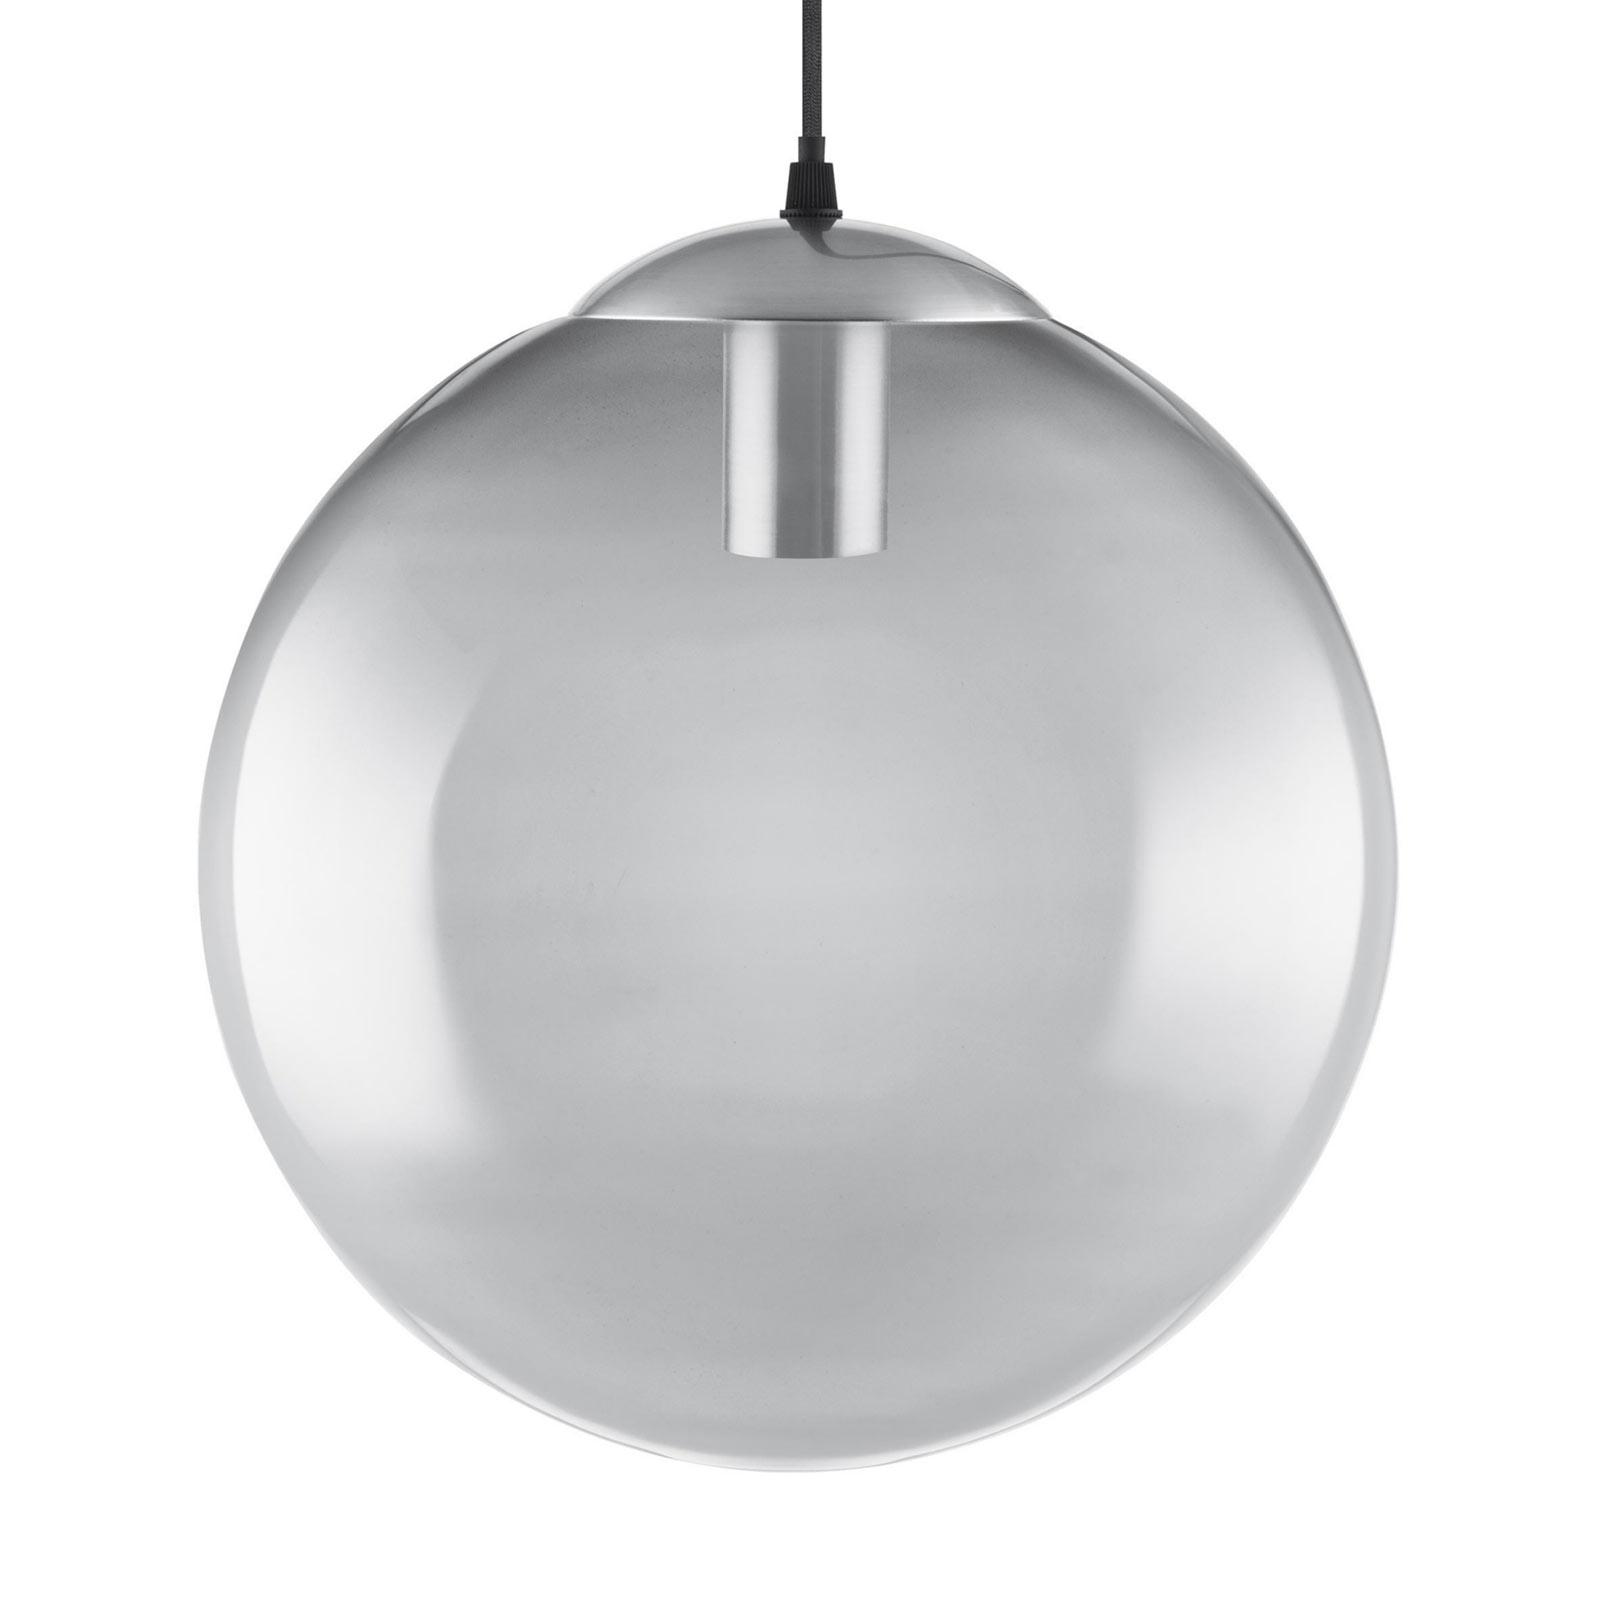 LEDVANCE Vintage 1906 Bubble Pendant grigio, 30cm